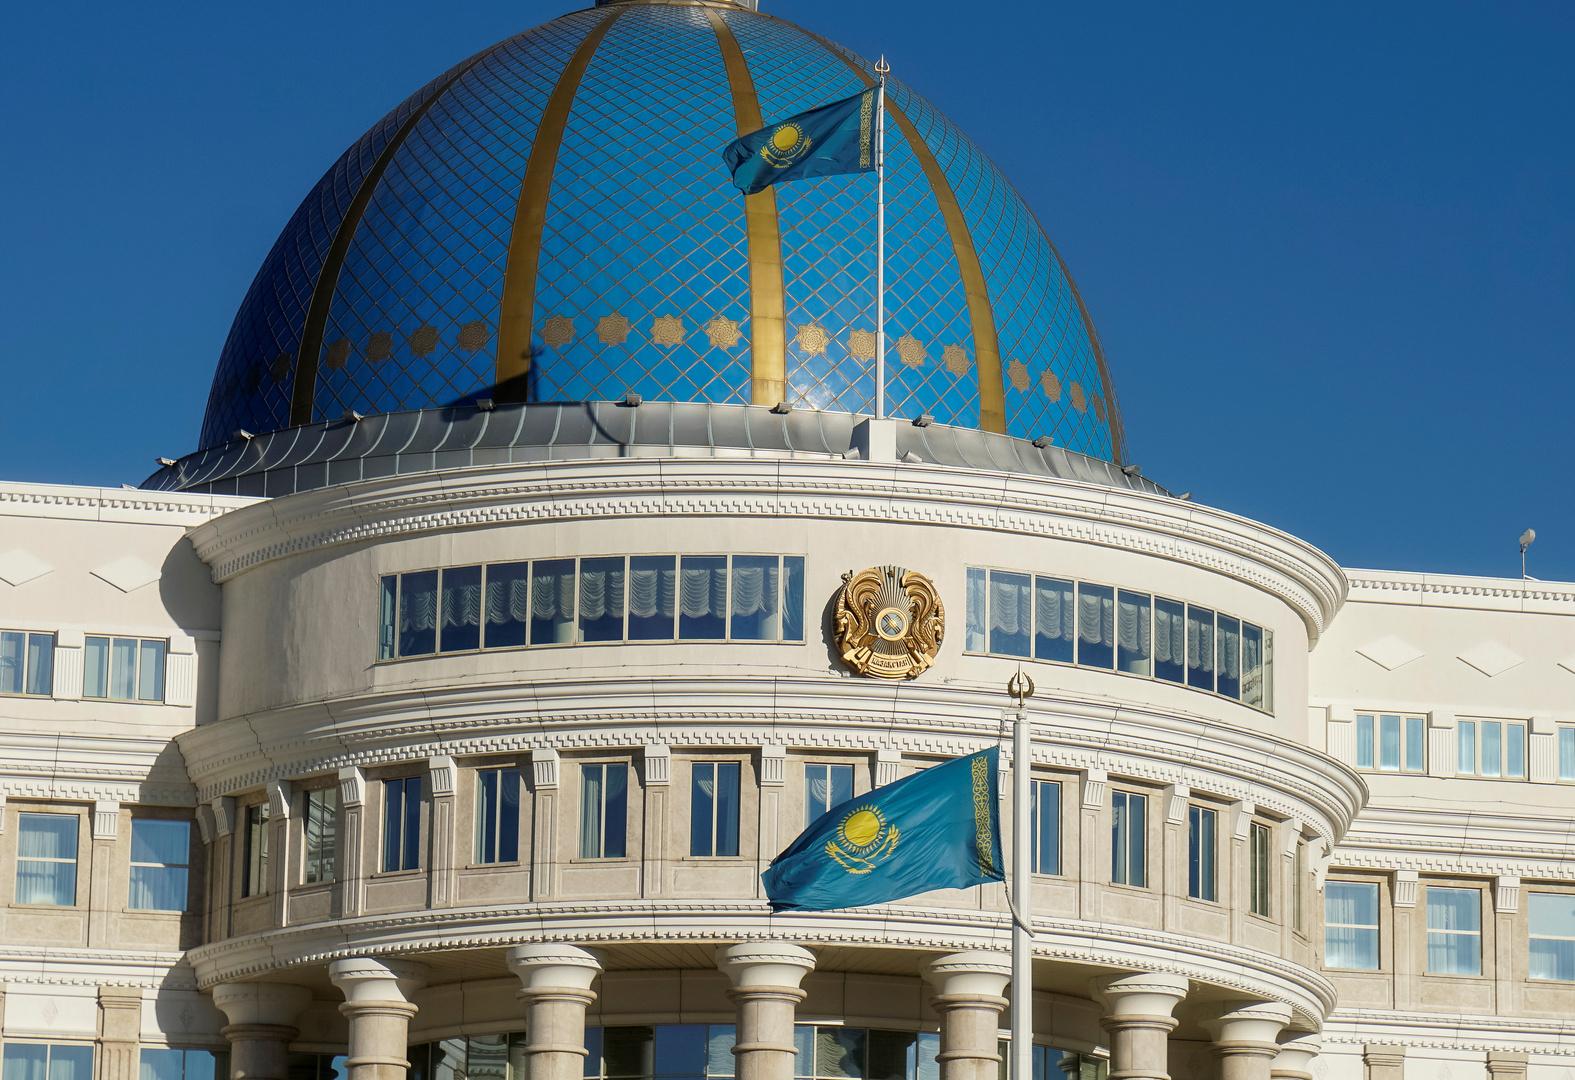 (تصحيح) الإعلان عن إصابة المتحدث باسم رئيس كازاخستان بكورونا